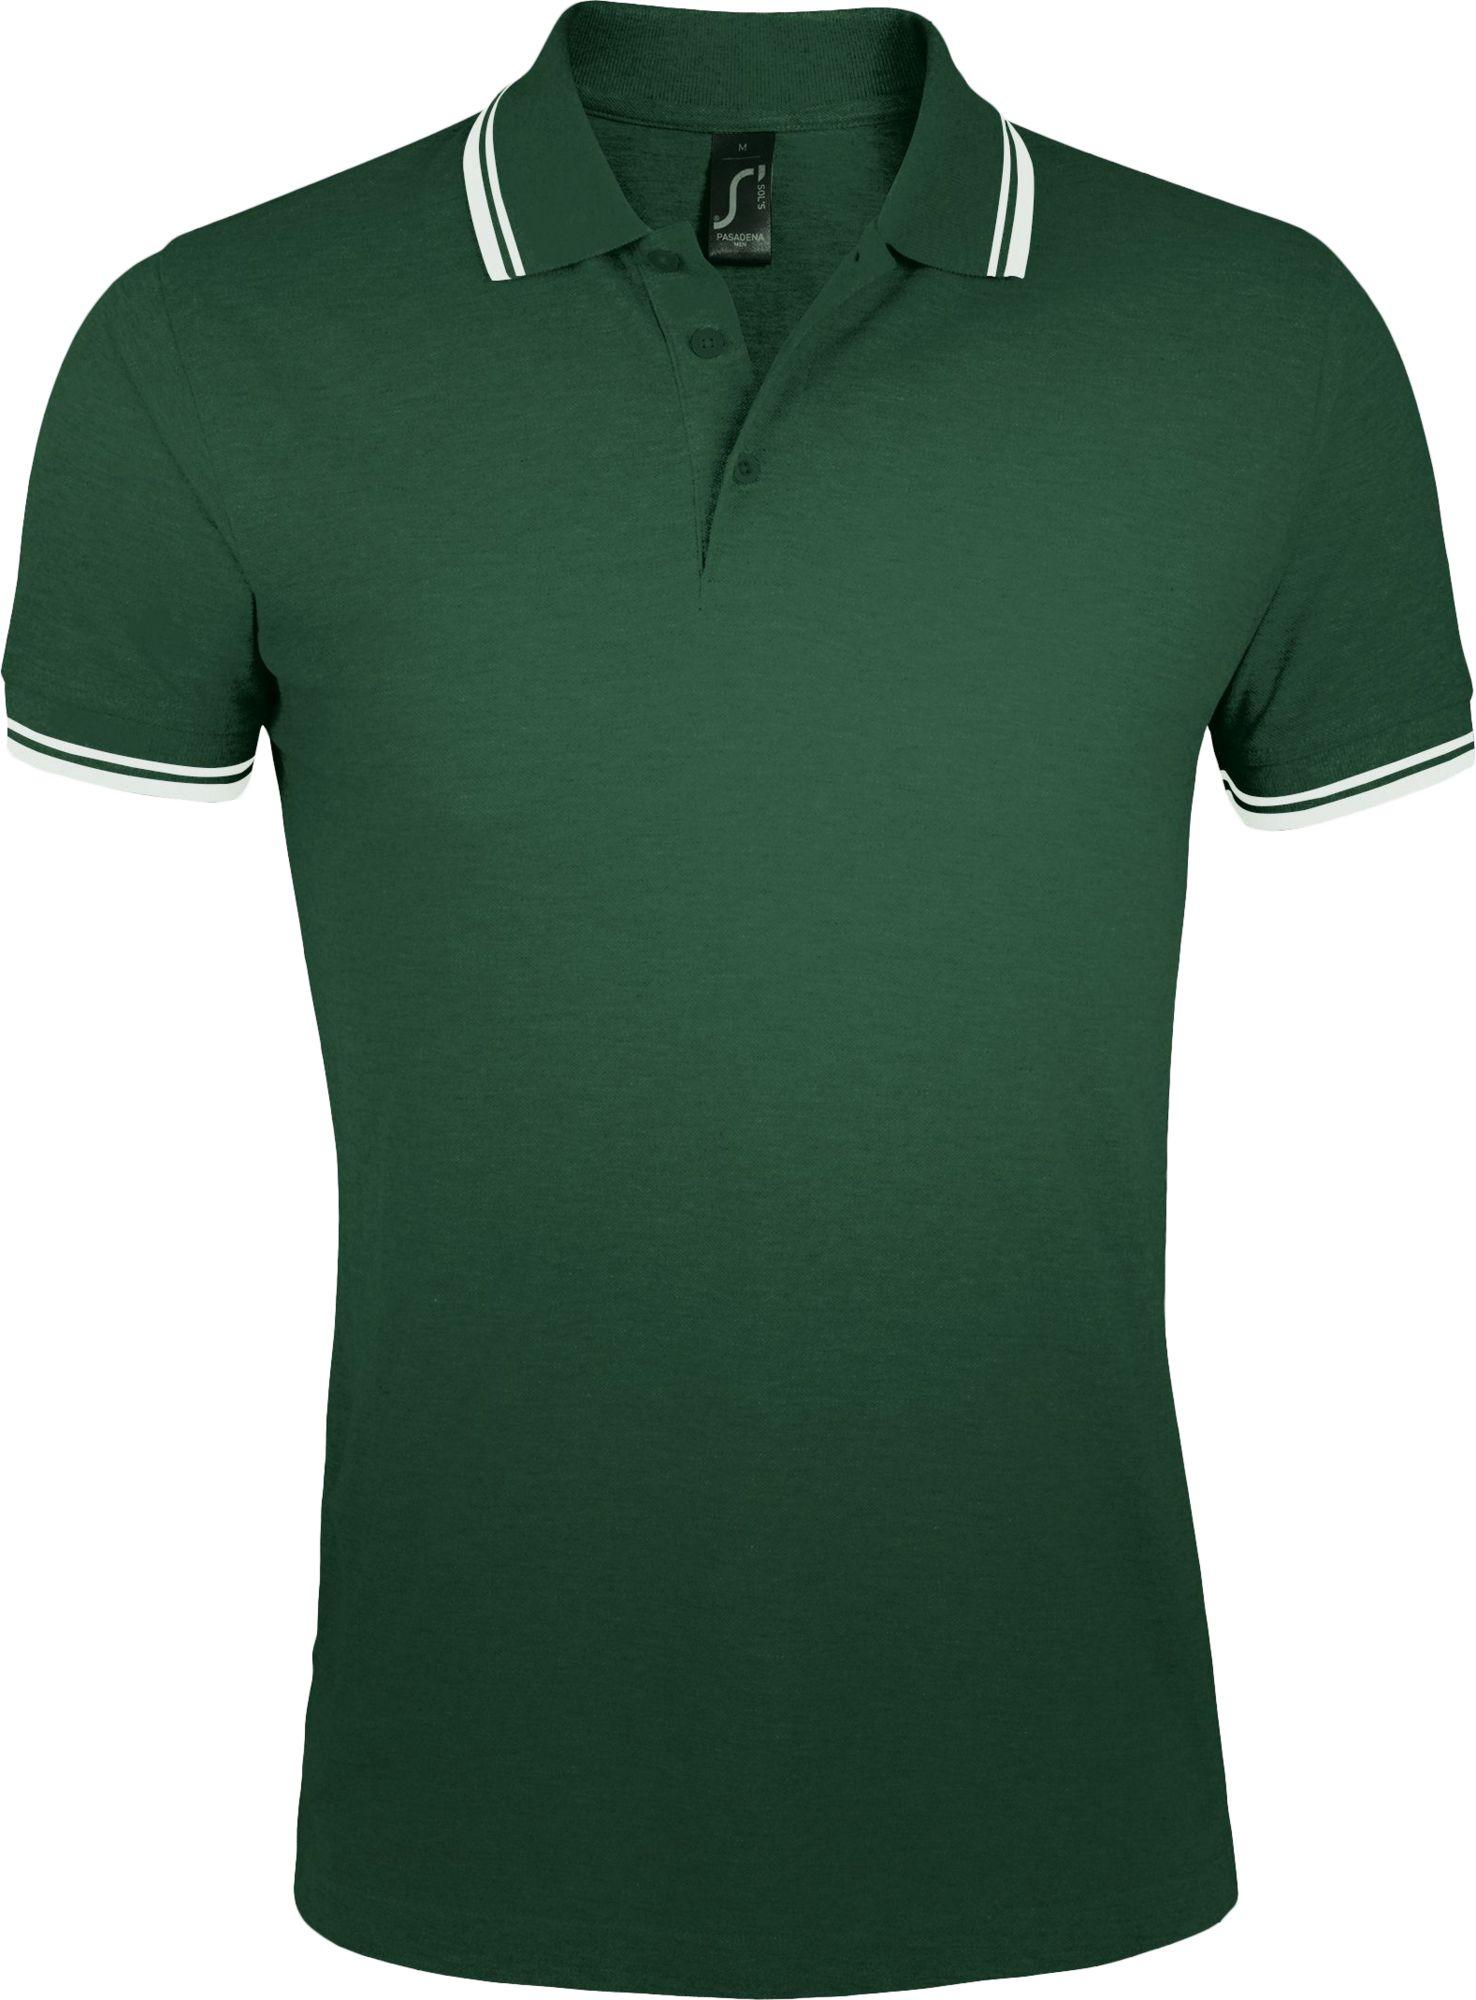 Рубашка поло мужская PASADENA MEN 200, зеленая с белым